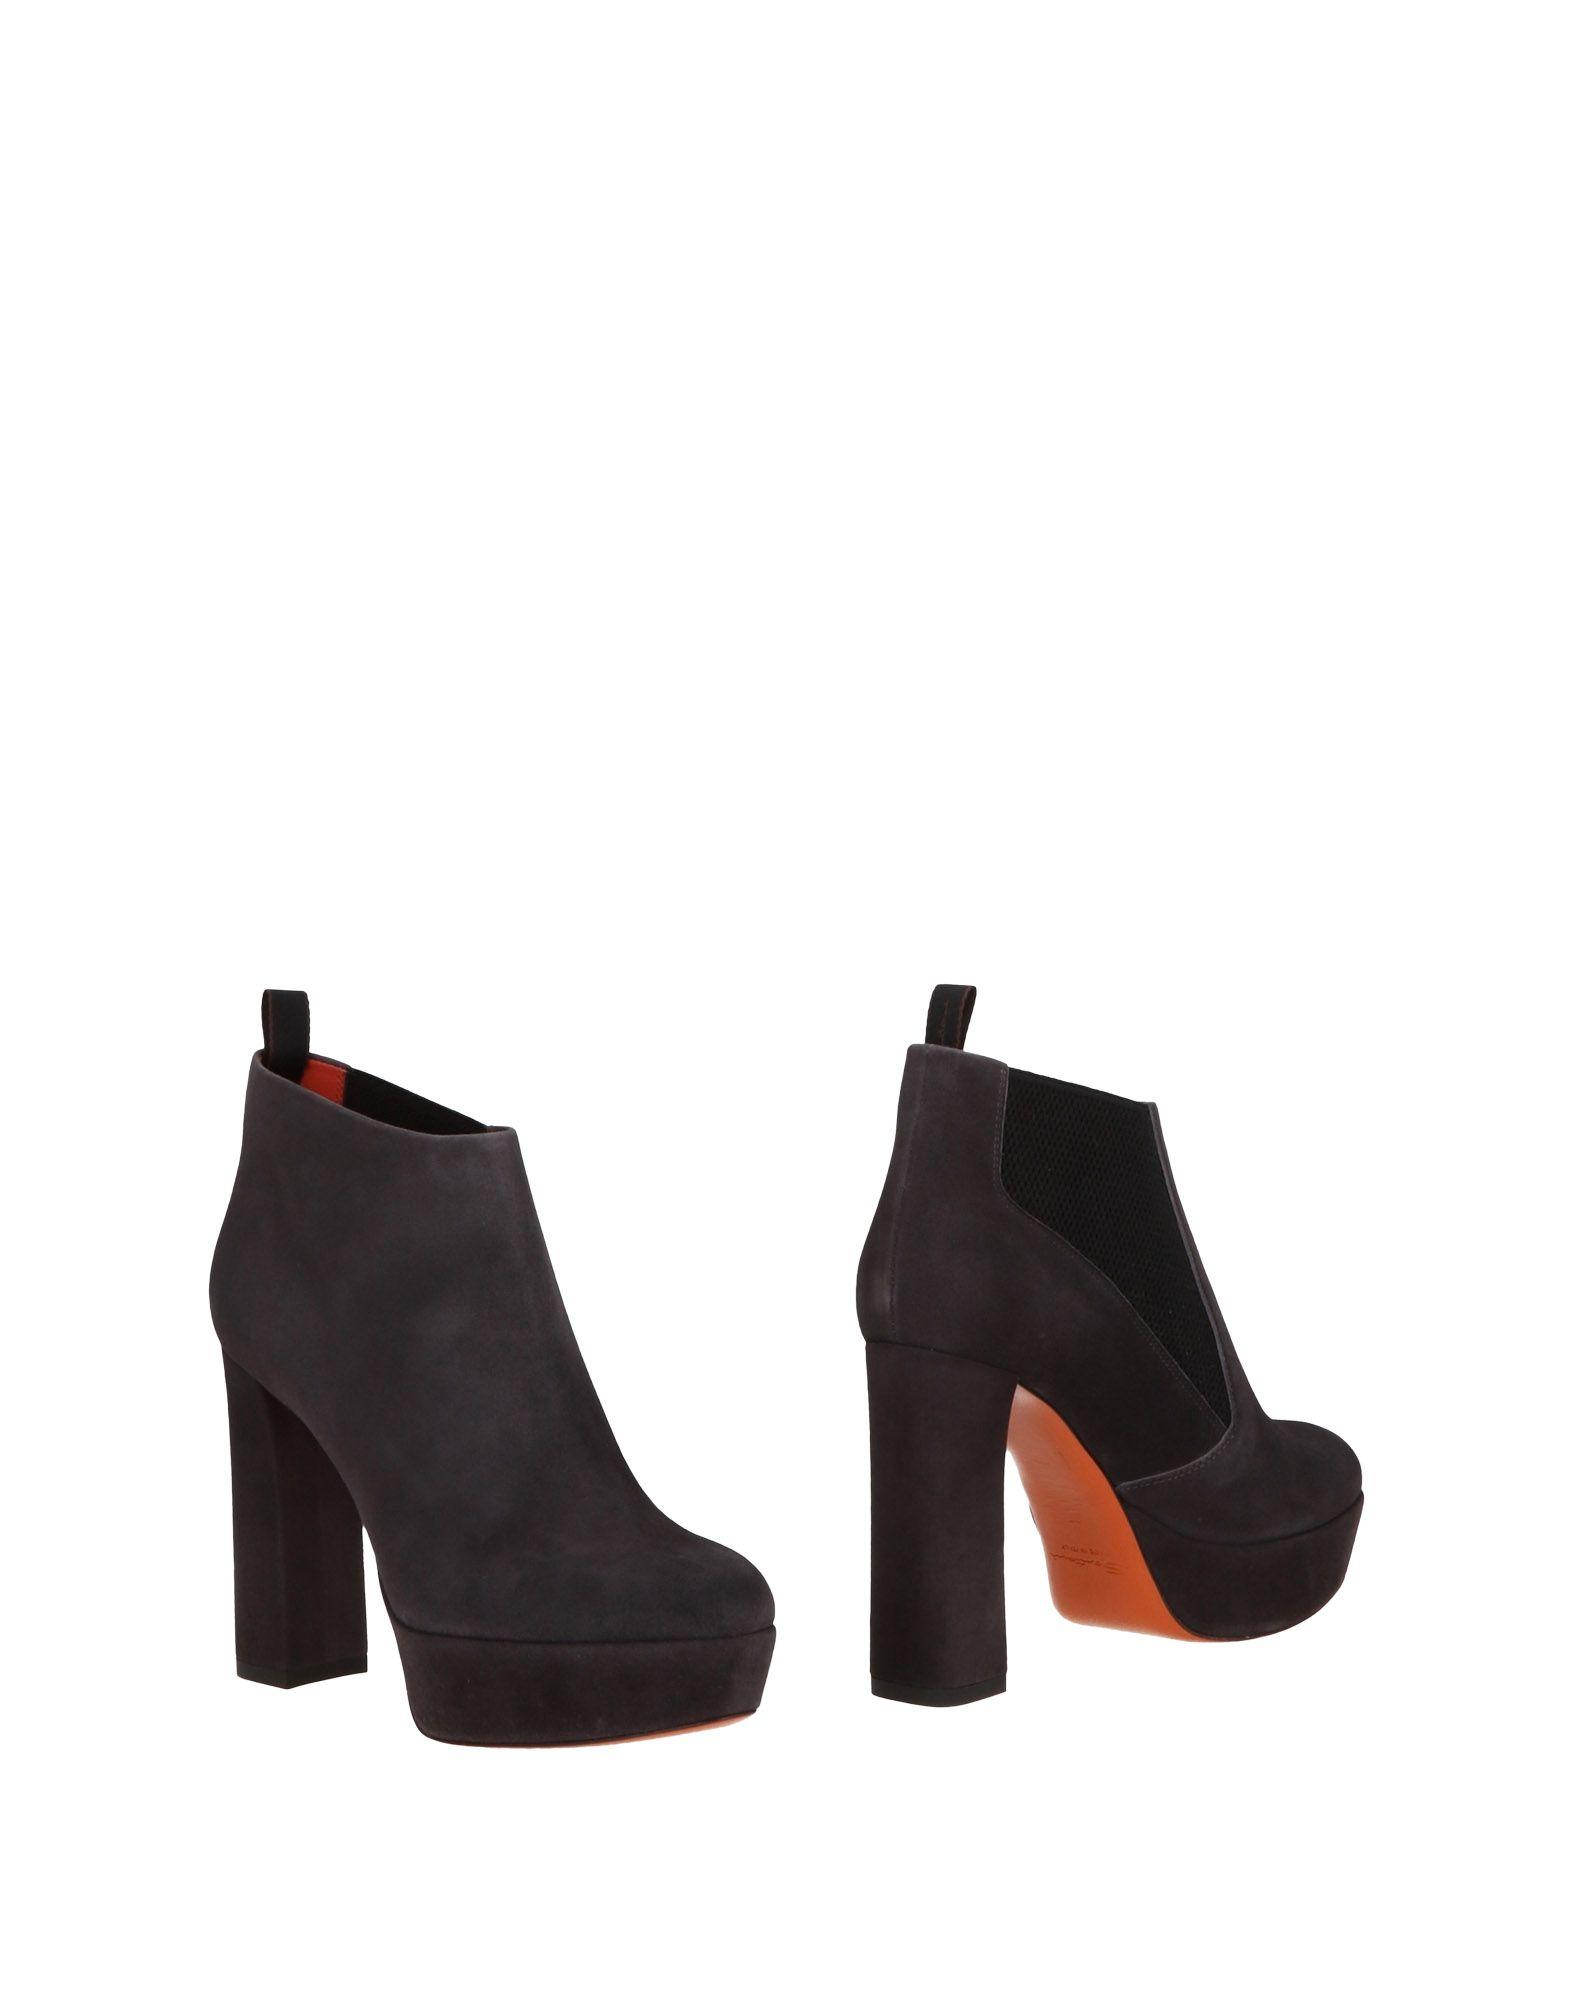 Santoni gut Stiefelette Damen  11477836NIGünstige gut Santoni aussehende Schuhe 675130